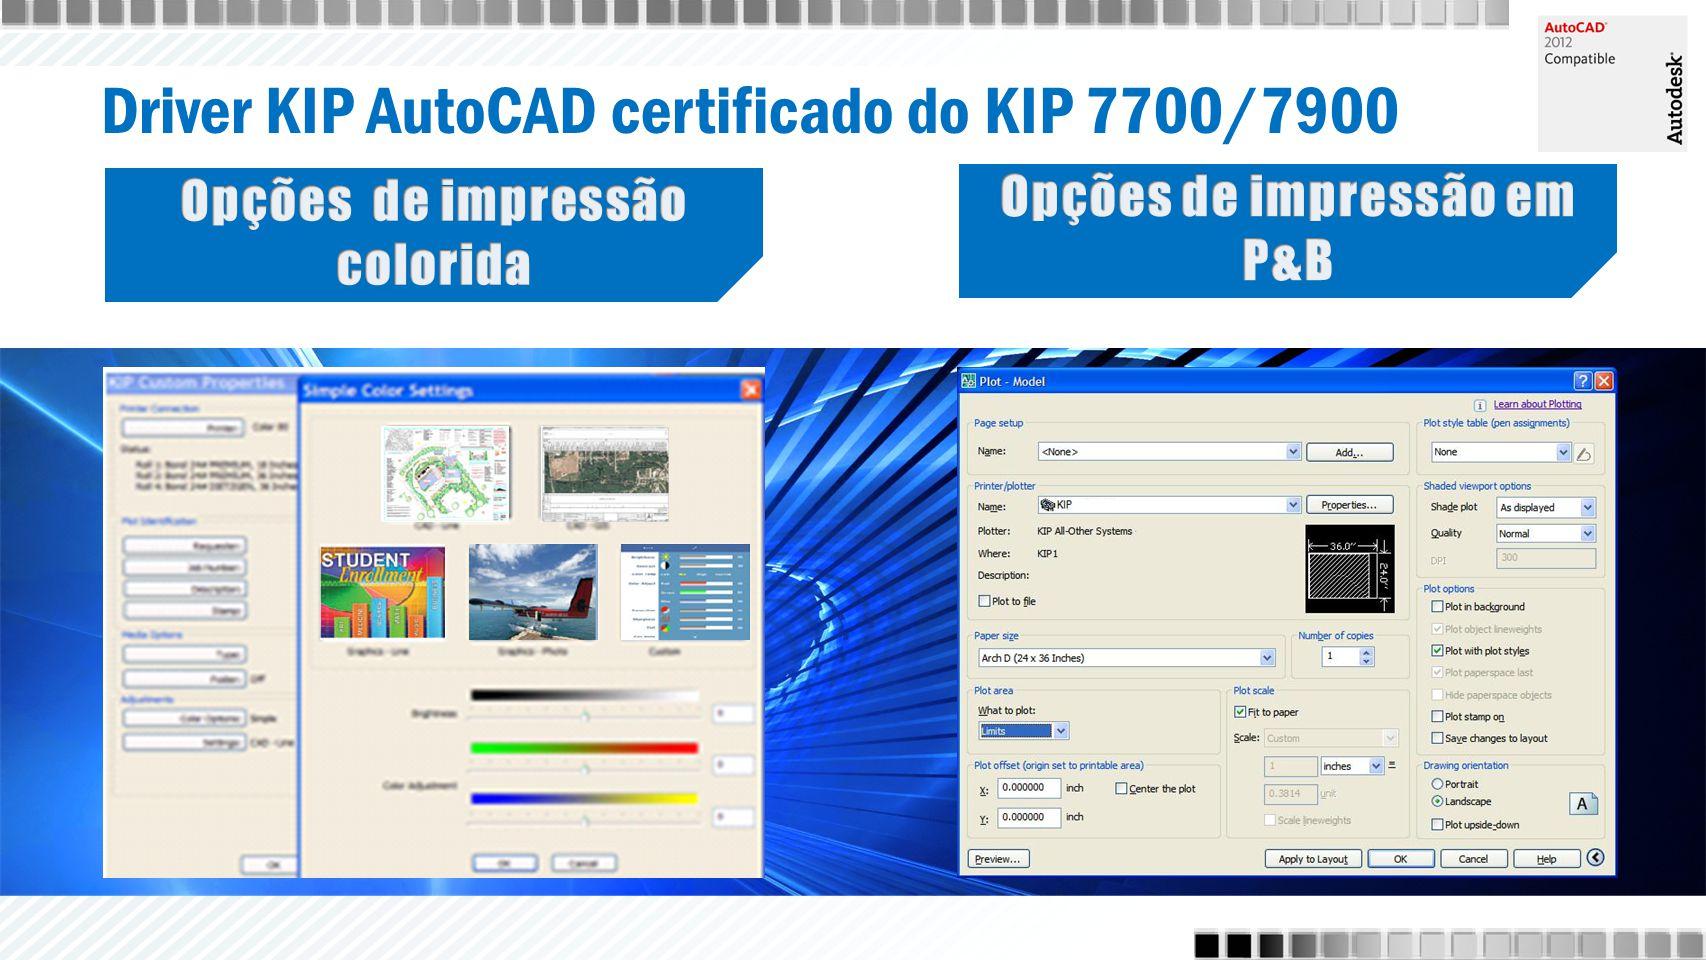 Driver KIP AutoCAD certificado do KIP 7700/7900